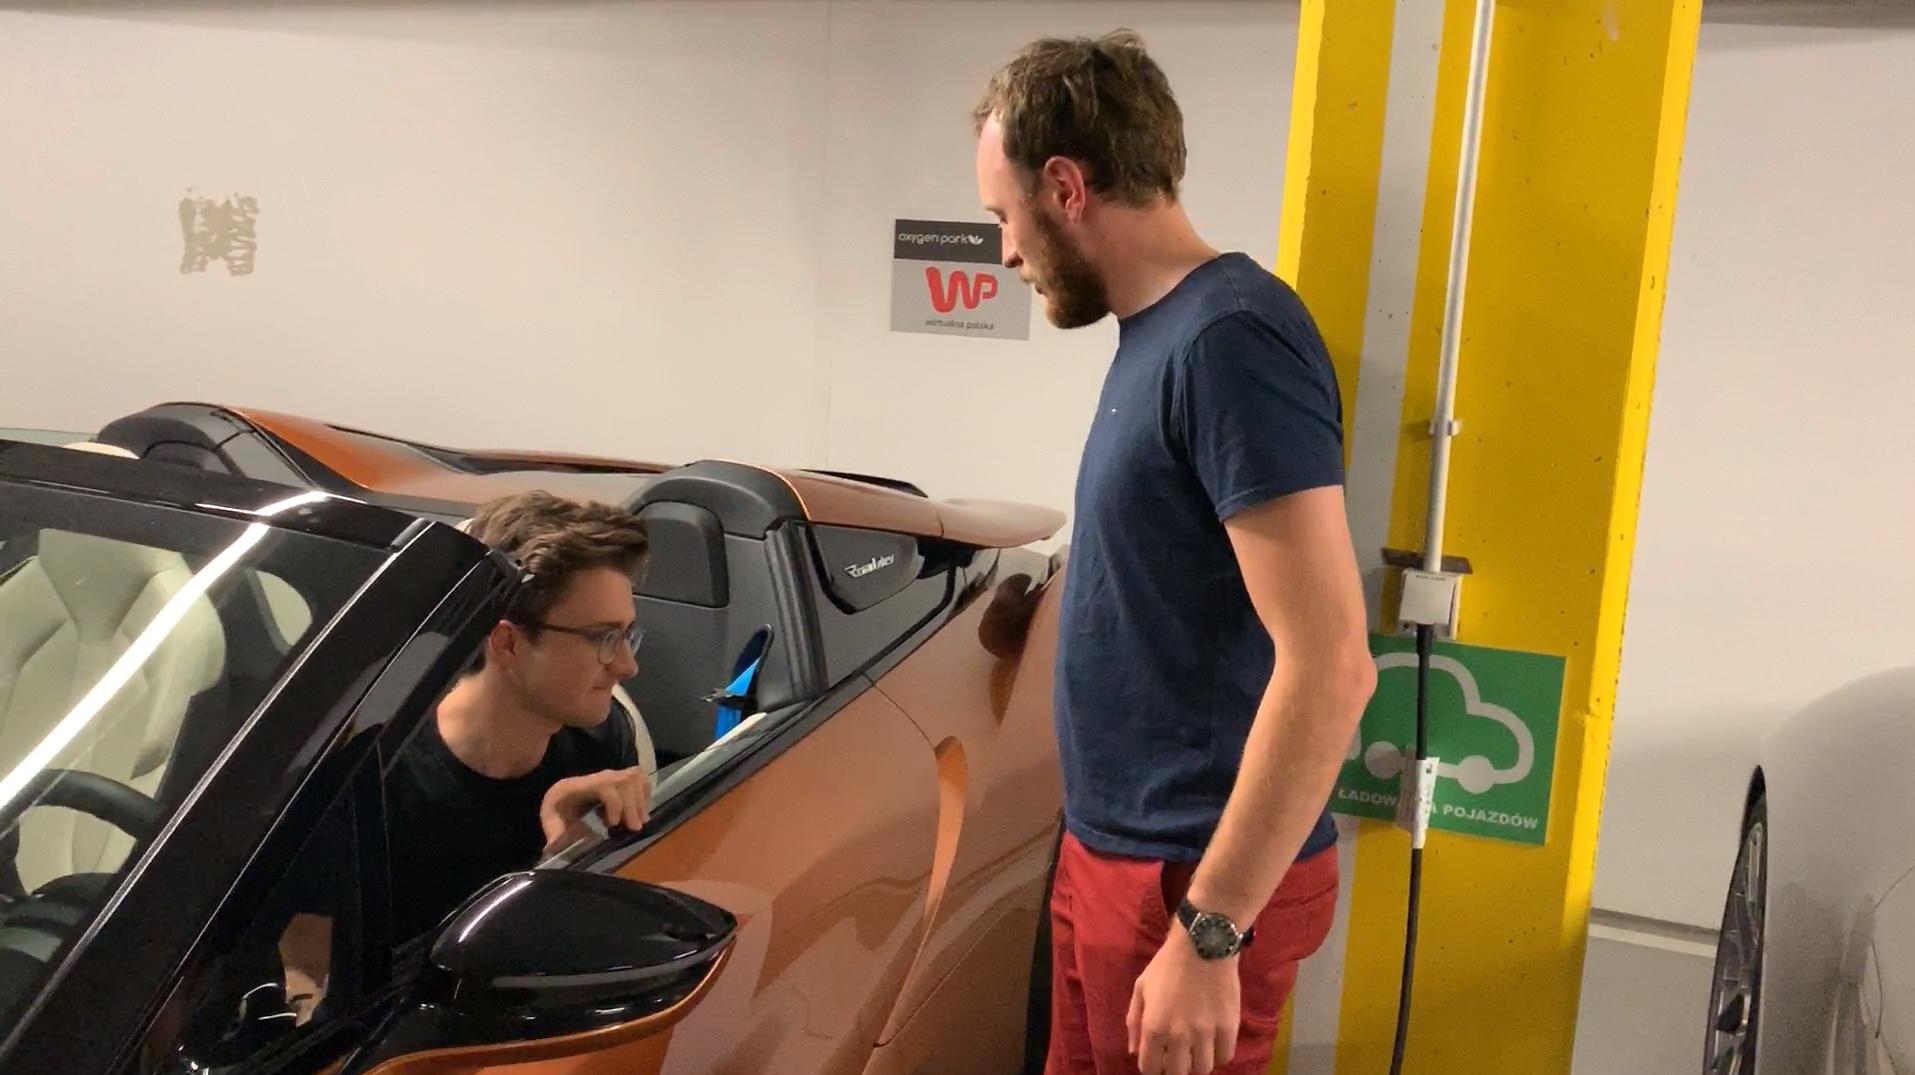 Otwieranie drzwi w BMW i8. Wygląda świetnie, ale łatwo nie jest